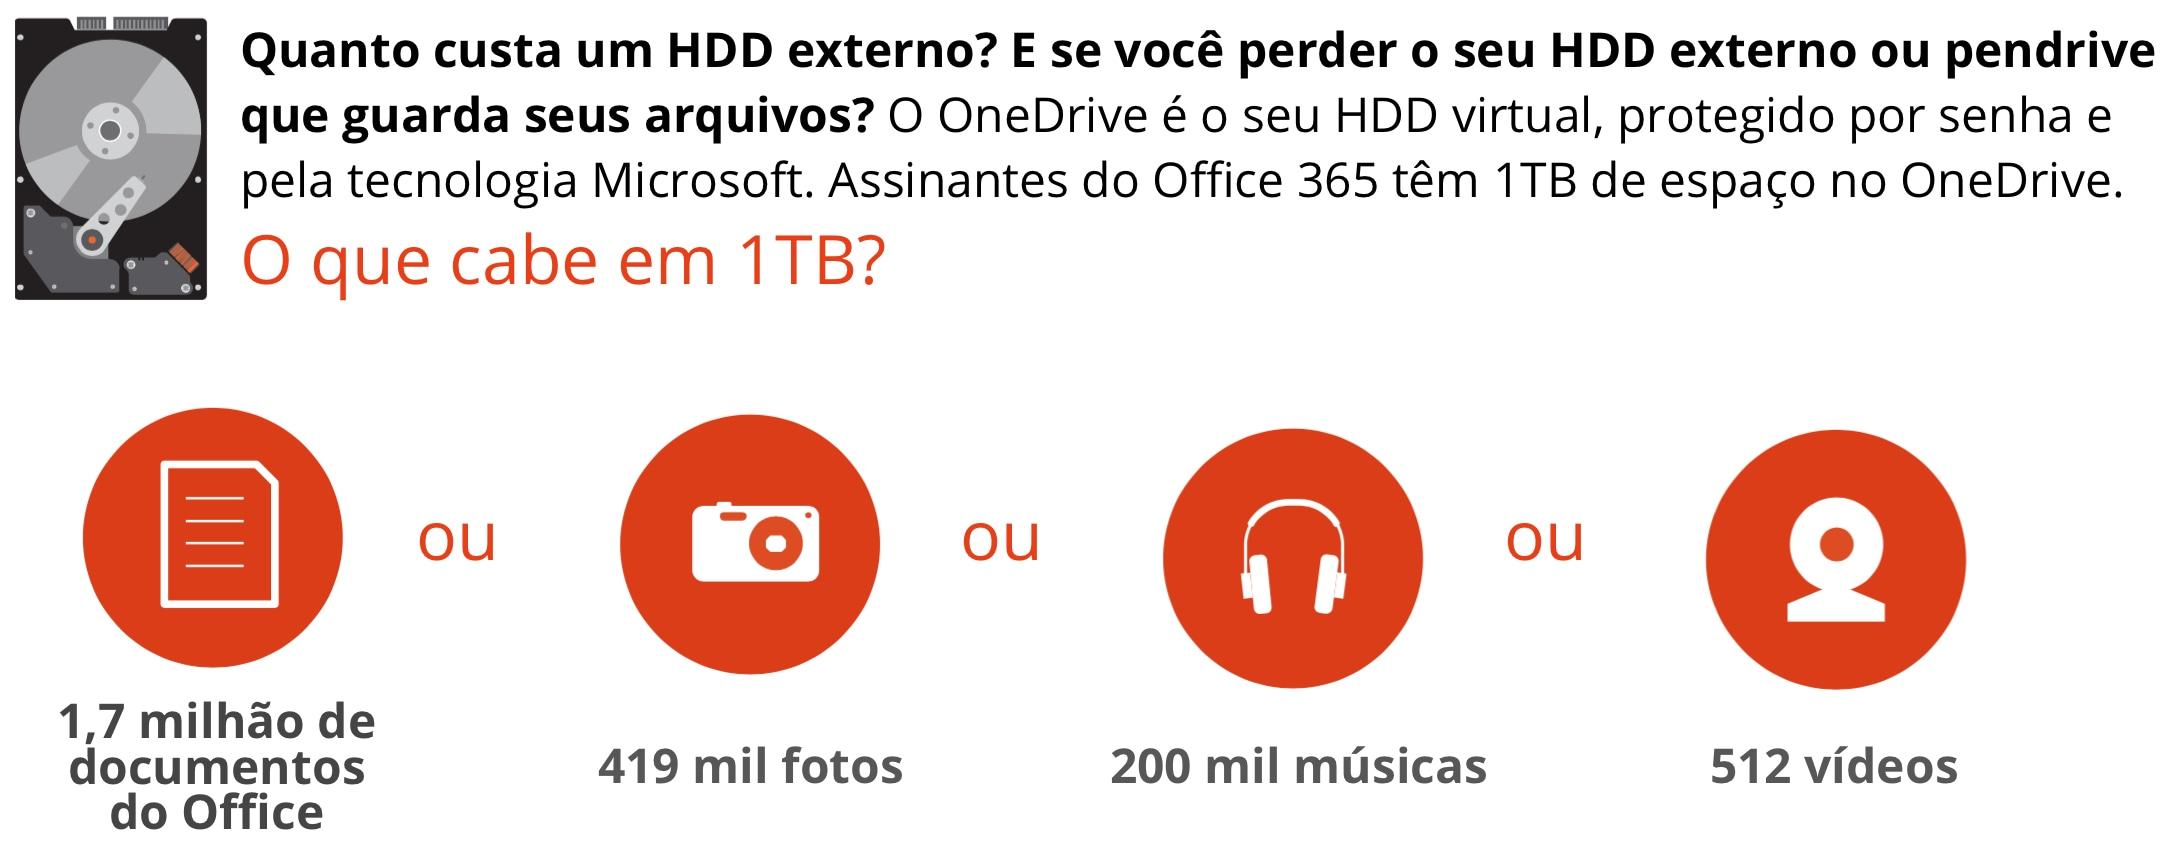 OneDrive, da Microsoft